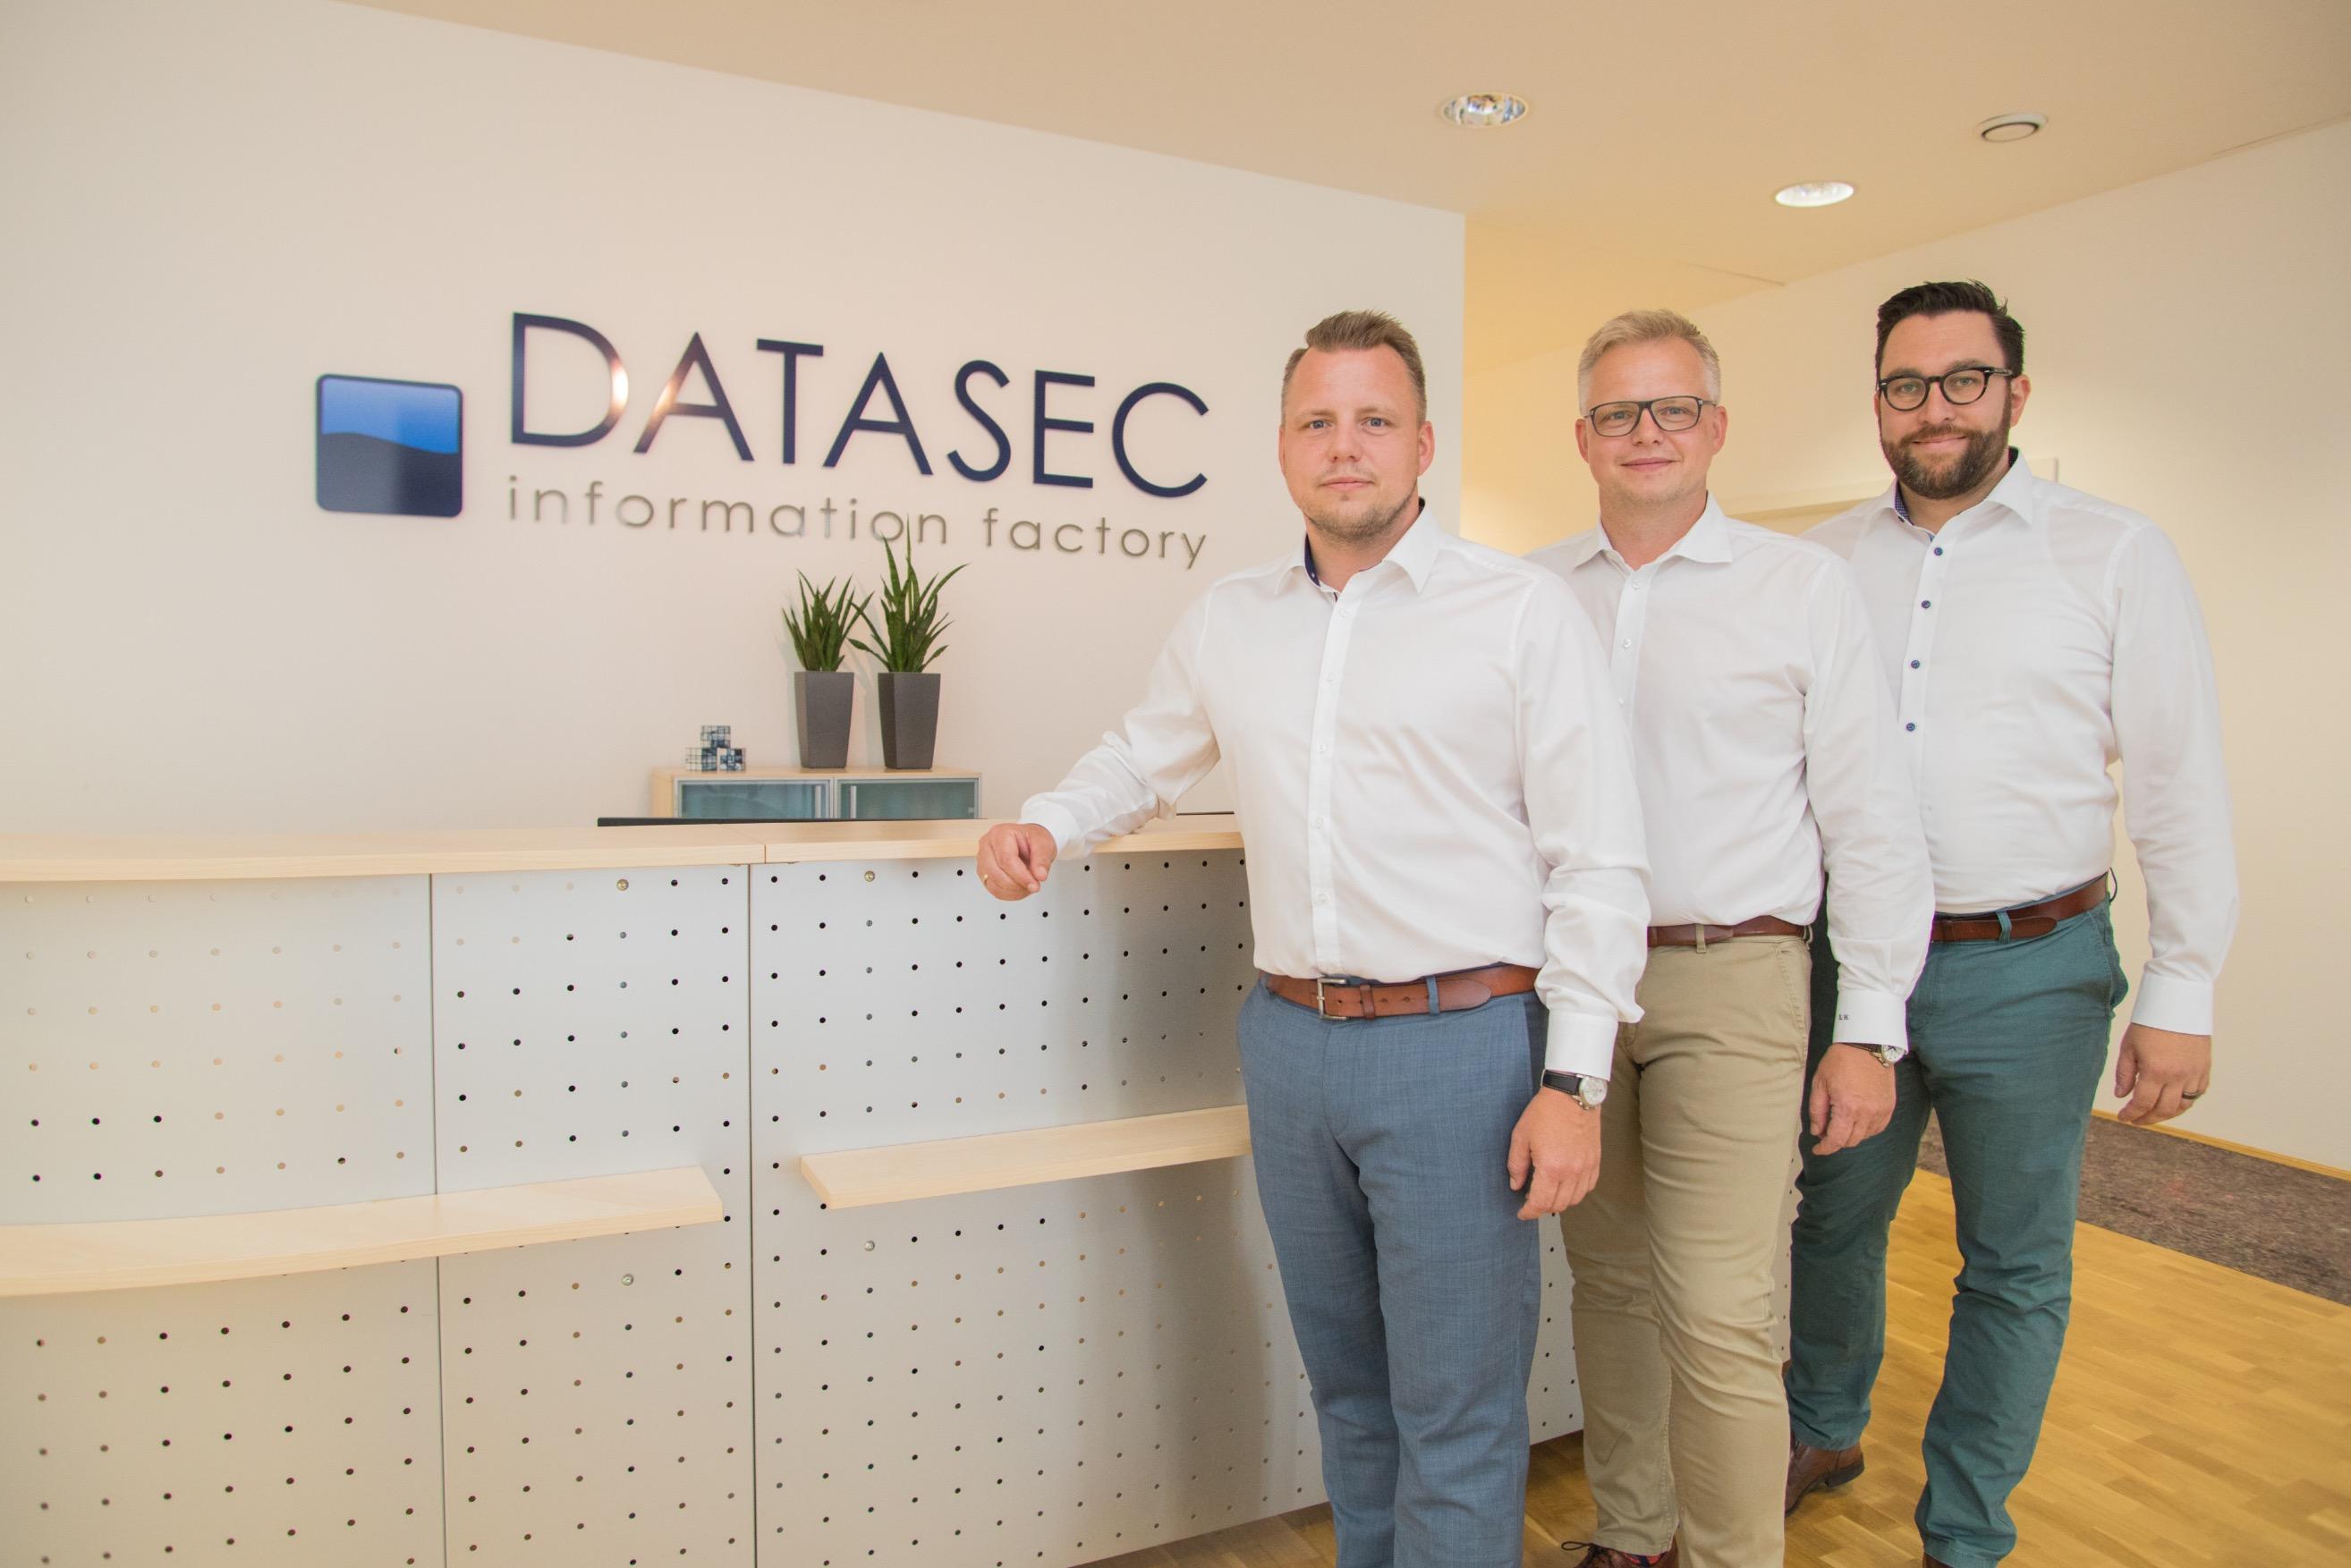 Berliner Häuser startet die Zusammenarbeit mit DATASEC